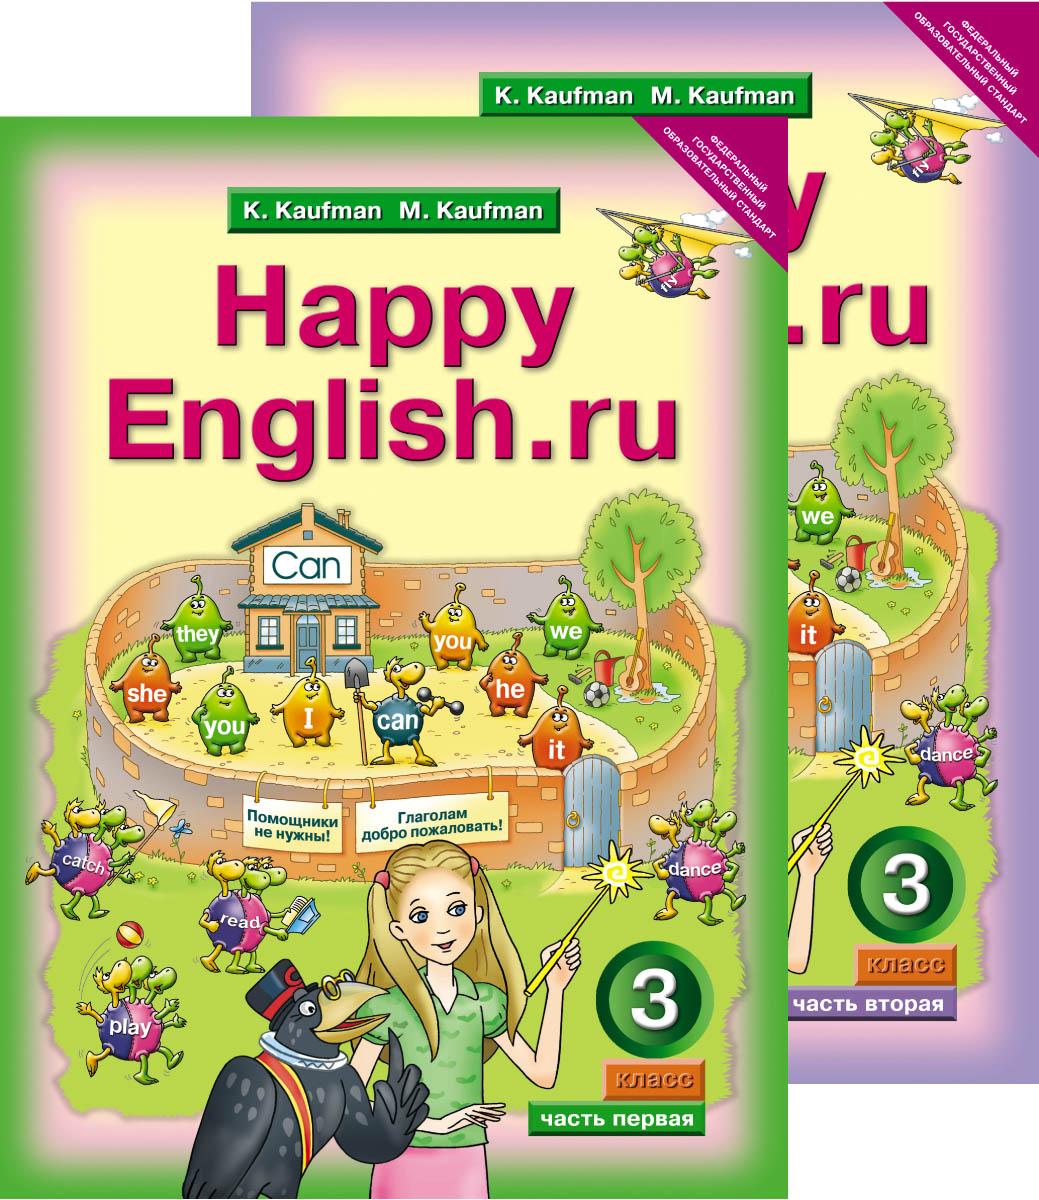 К. И. Кауфман, М. Ю. Кауфман Английский язык. Счастливый английский.ру. 3 класс. Учебник. В 2 частях (комплект)